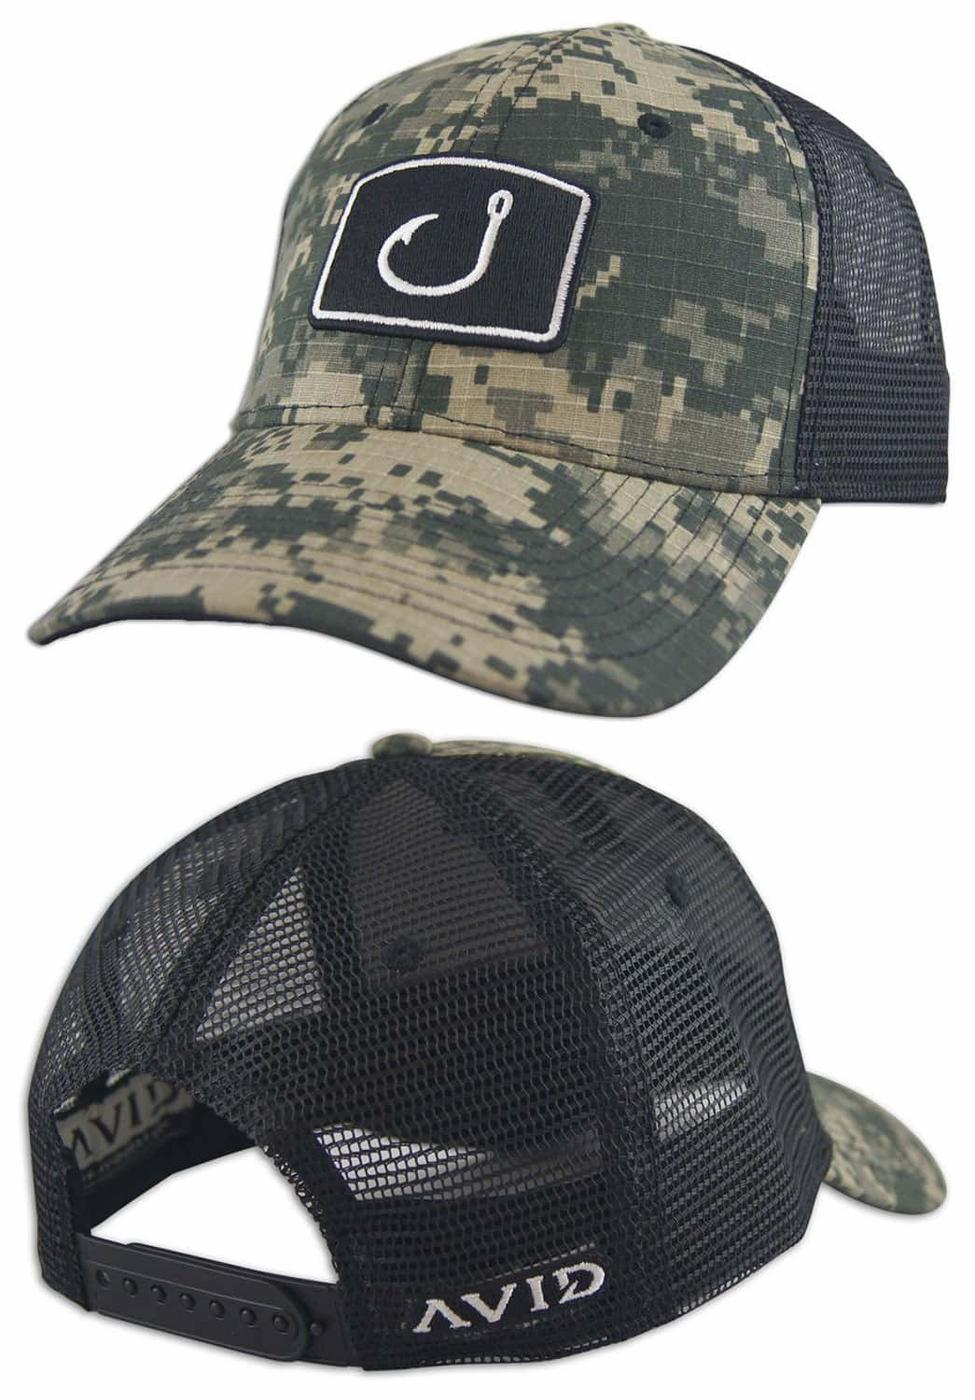 9f6e9ece avid-sportswear-avh555-iconic-fly-fishing-trucker-hat-avi-0060-1.jpg